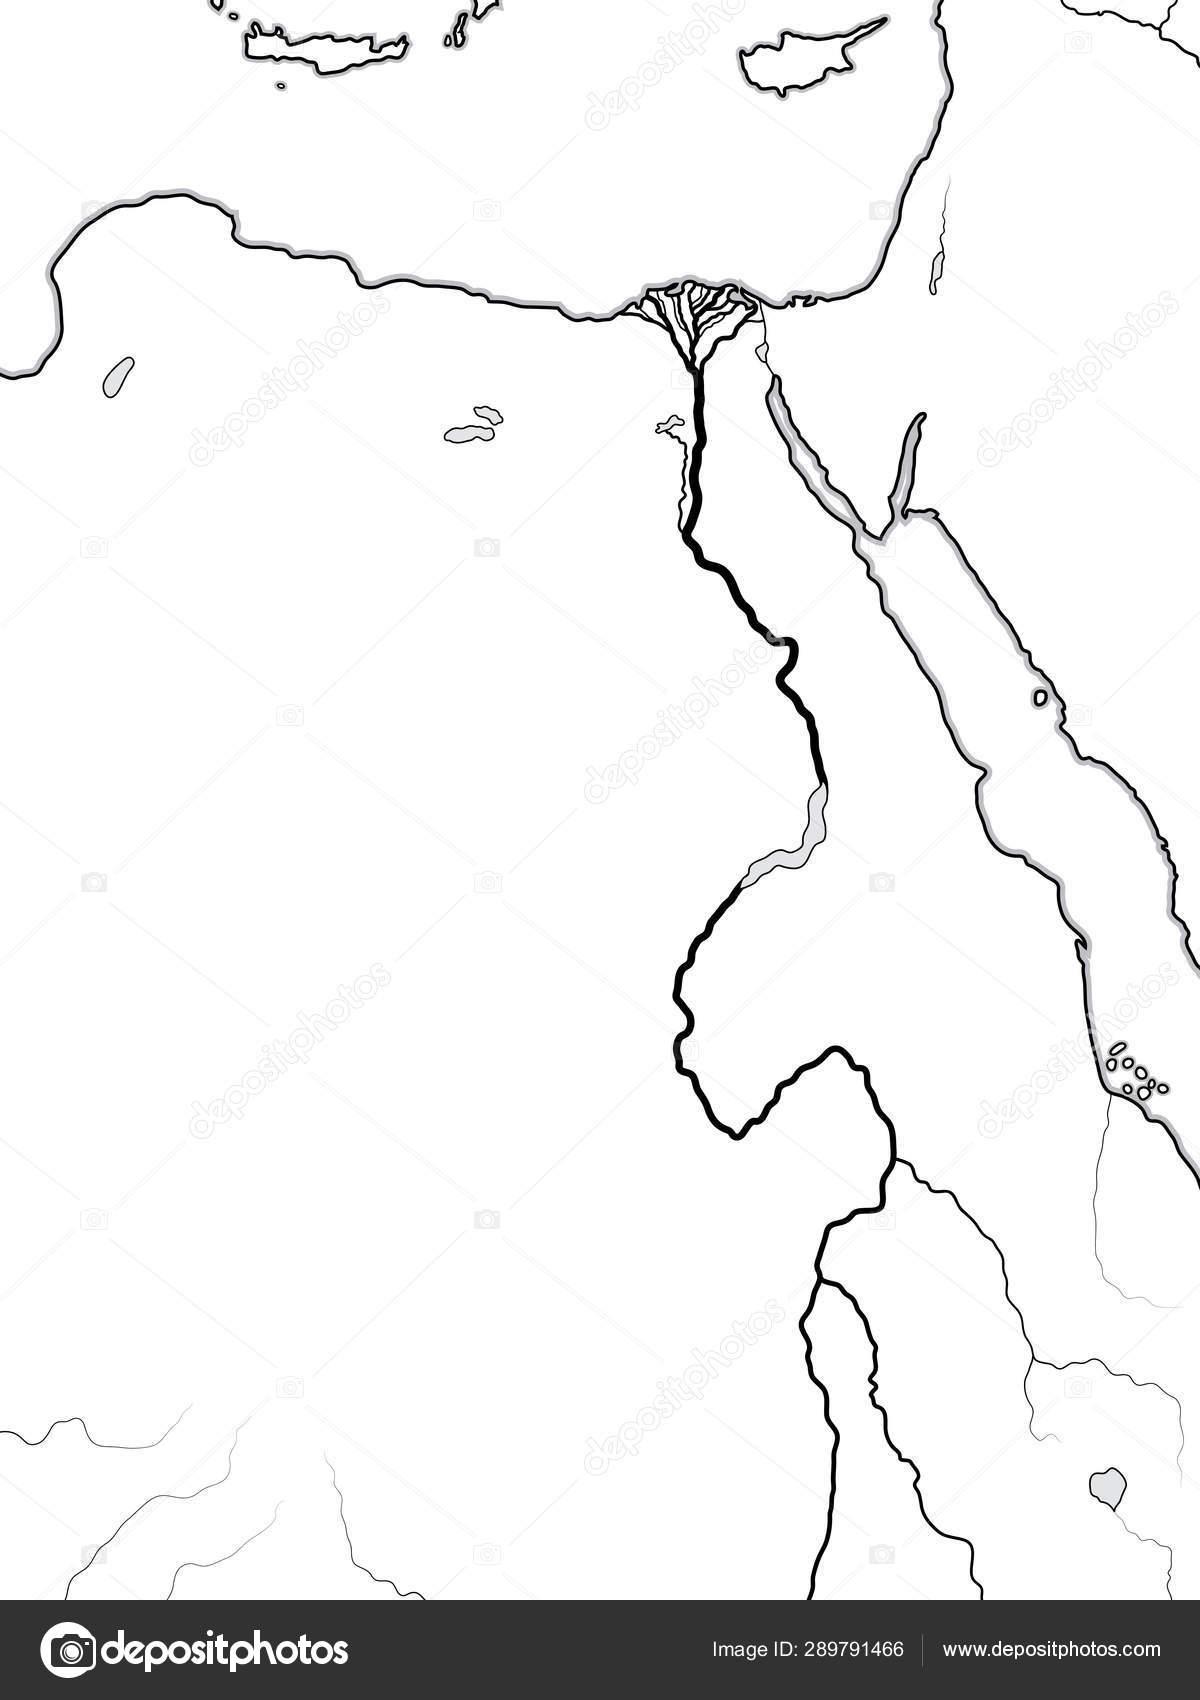 Mapa Del Antiguo Egipto Blanco Y Negro.Mapa Mundial De Egipto Nubia Libia Africa El Antiguo